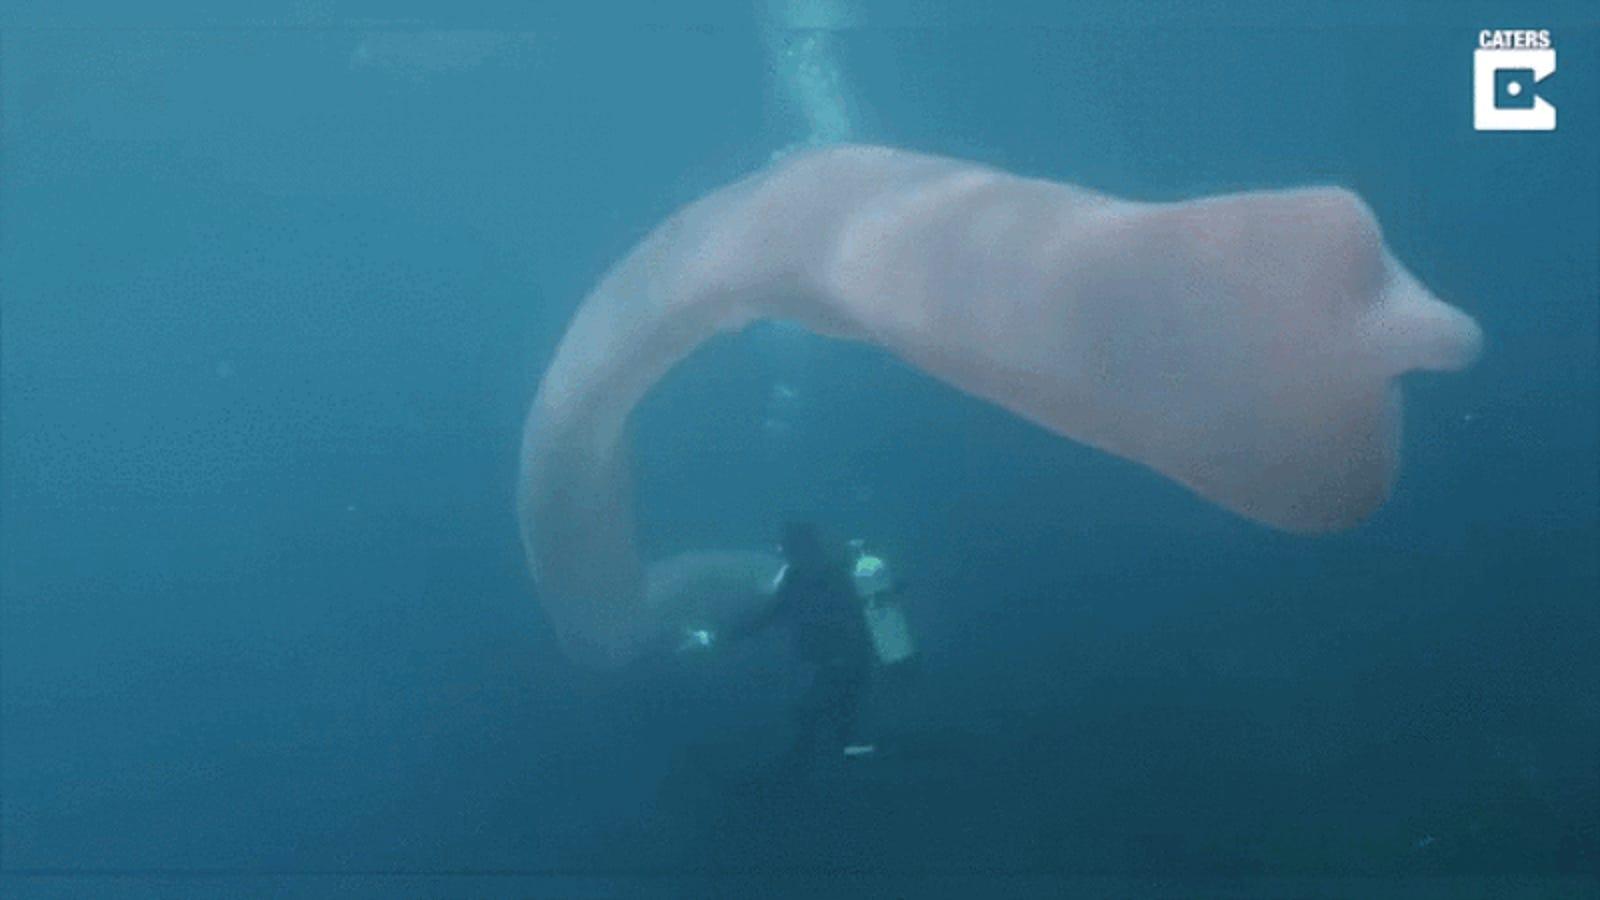 """Qué es en realidad esta extraña y gigantesca criatura marina de 9 metros apodada el """"unicornio del mar"""""""